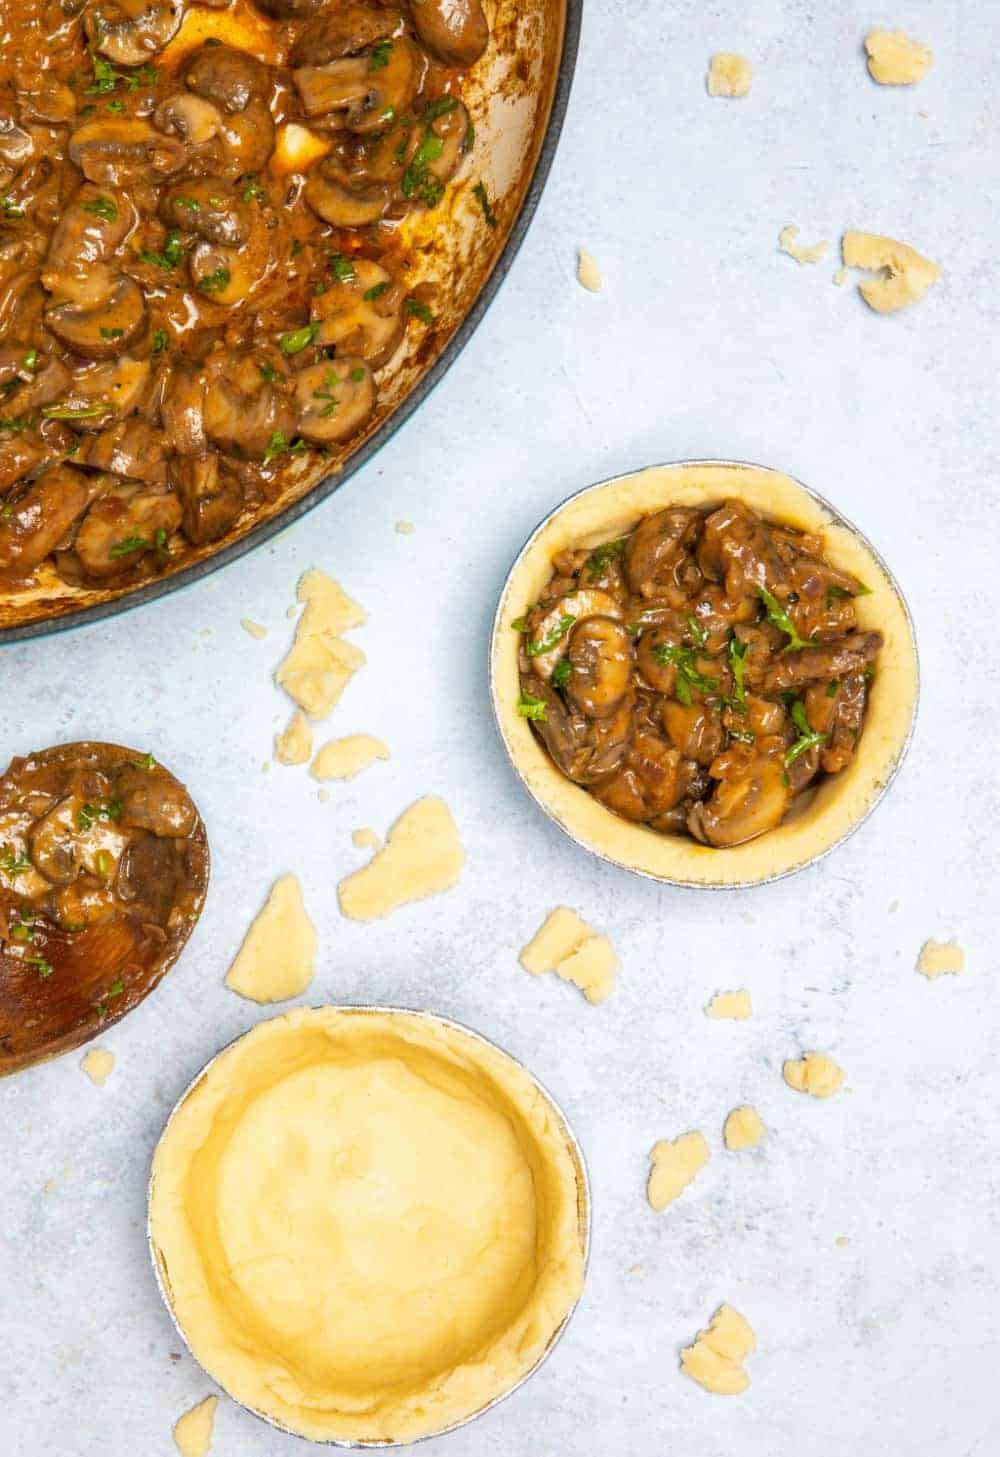 Mushroom Stroganoff Pie - Filling